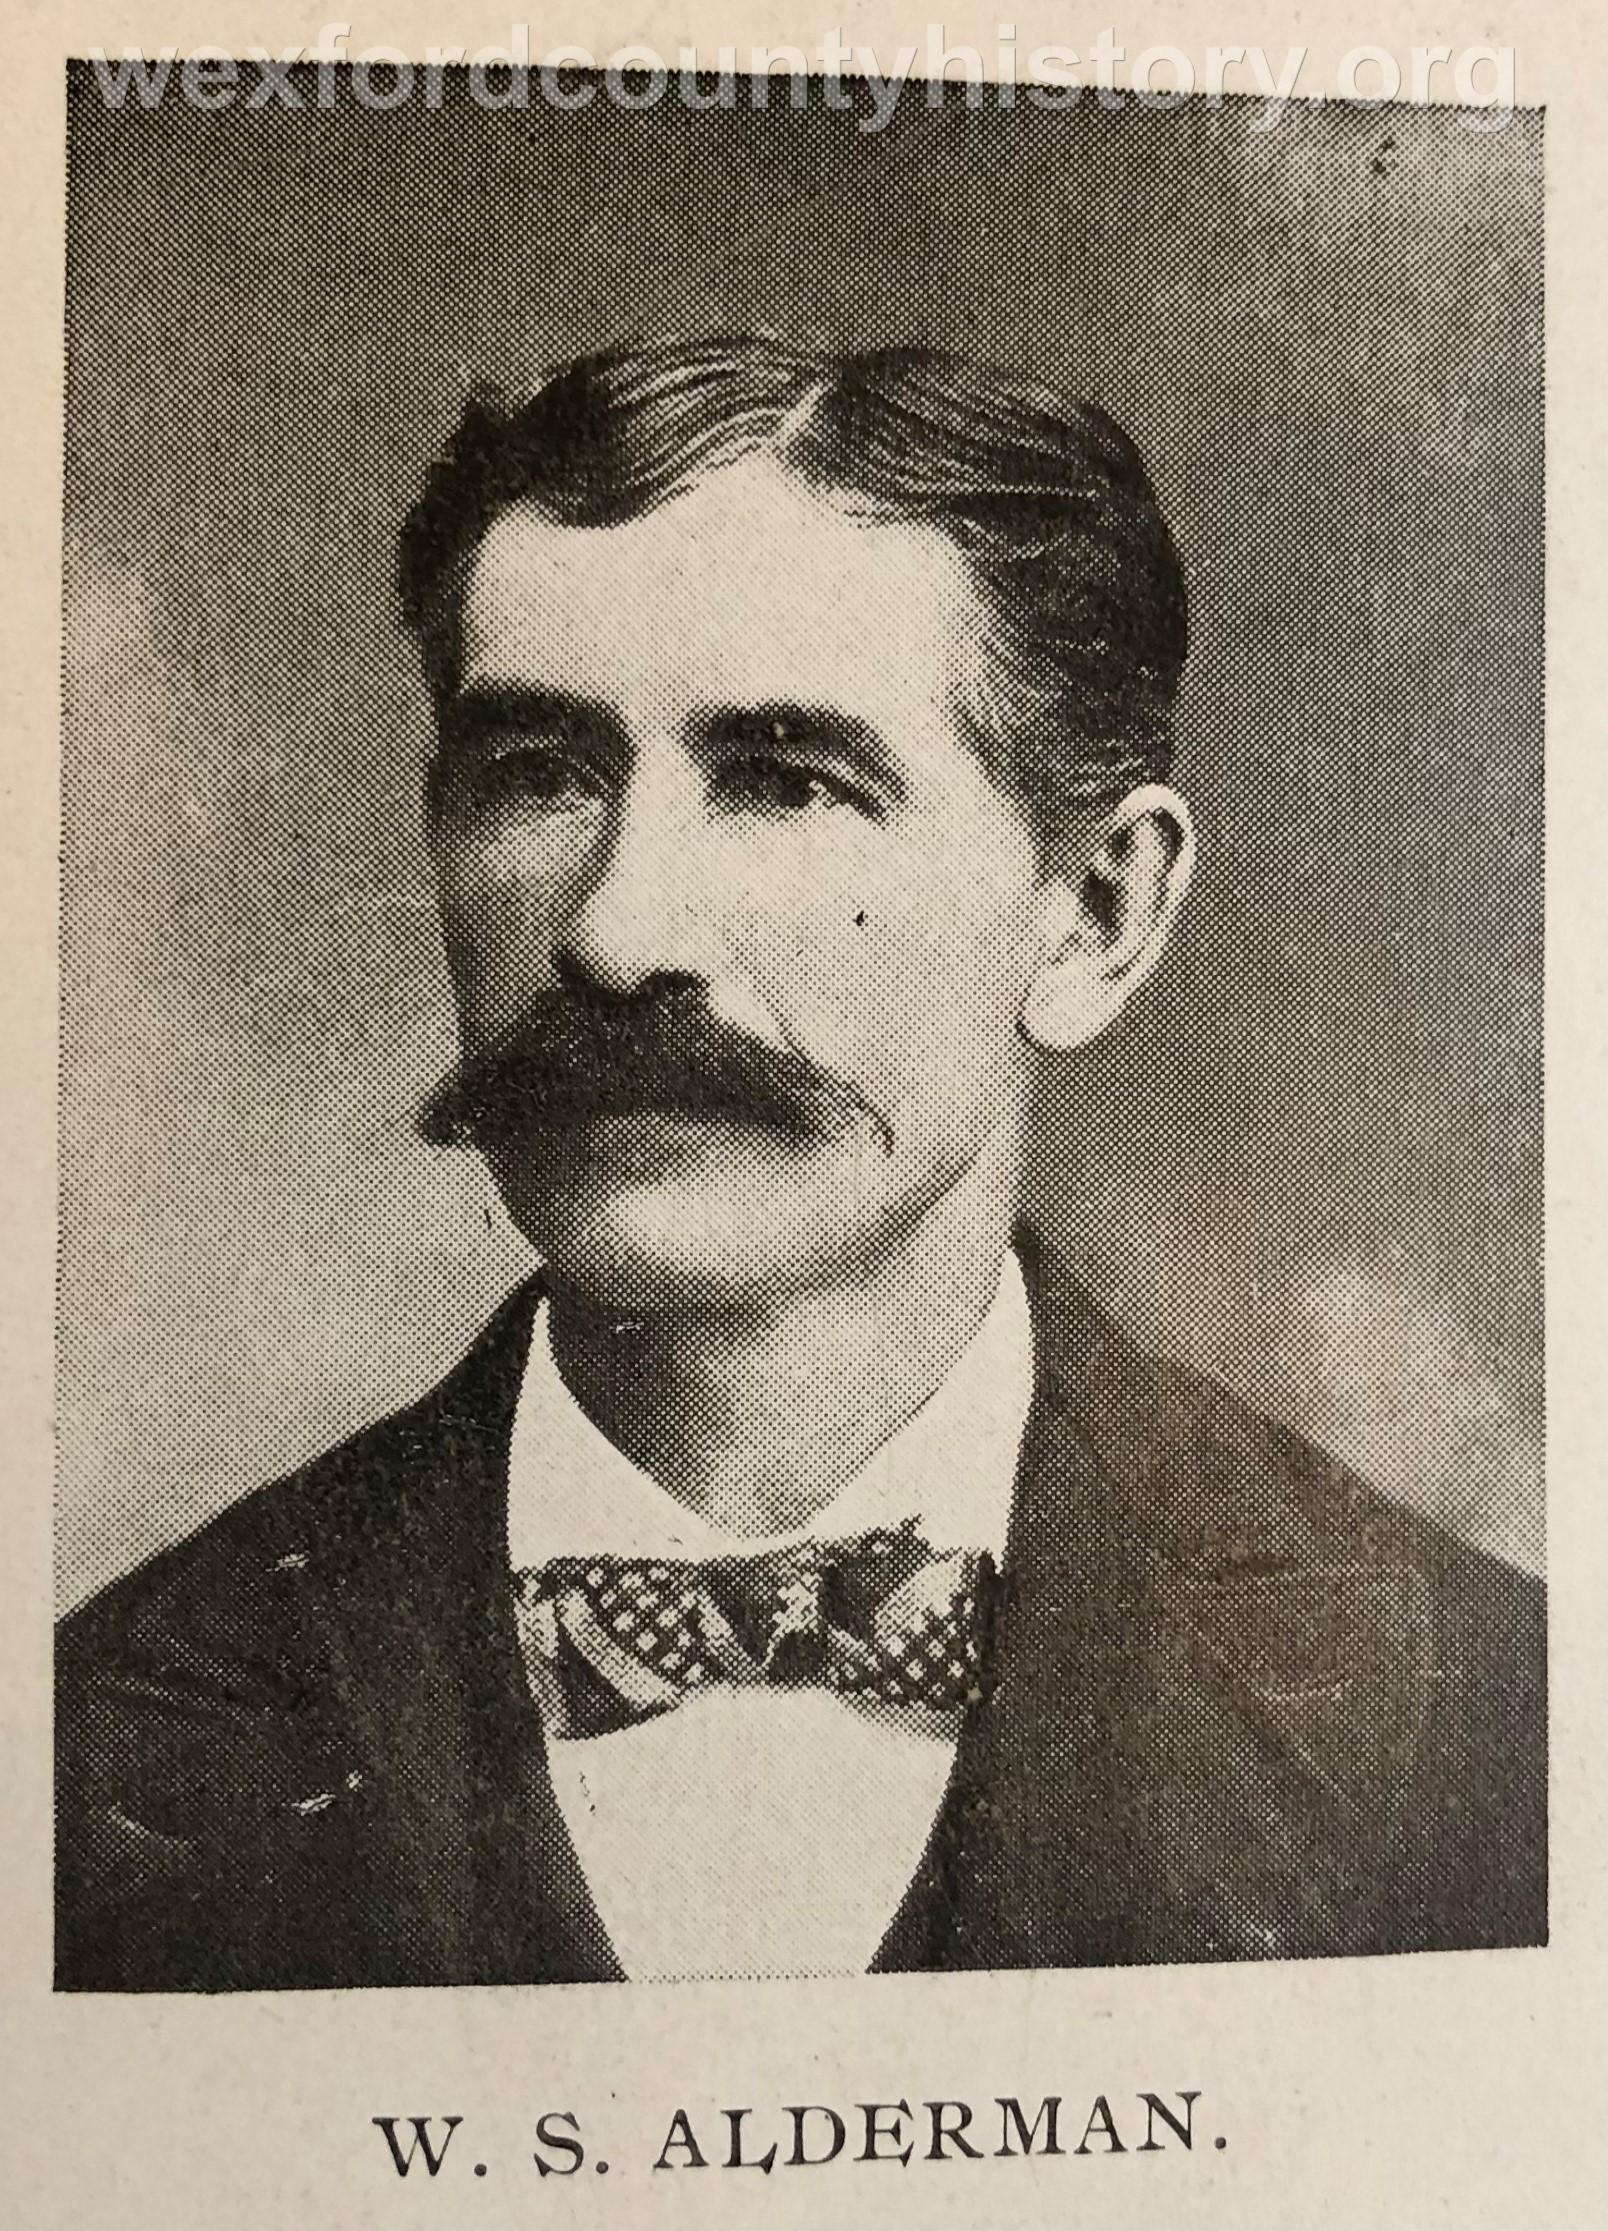 W. S. Alderman